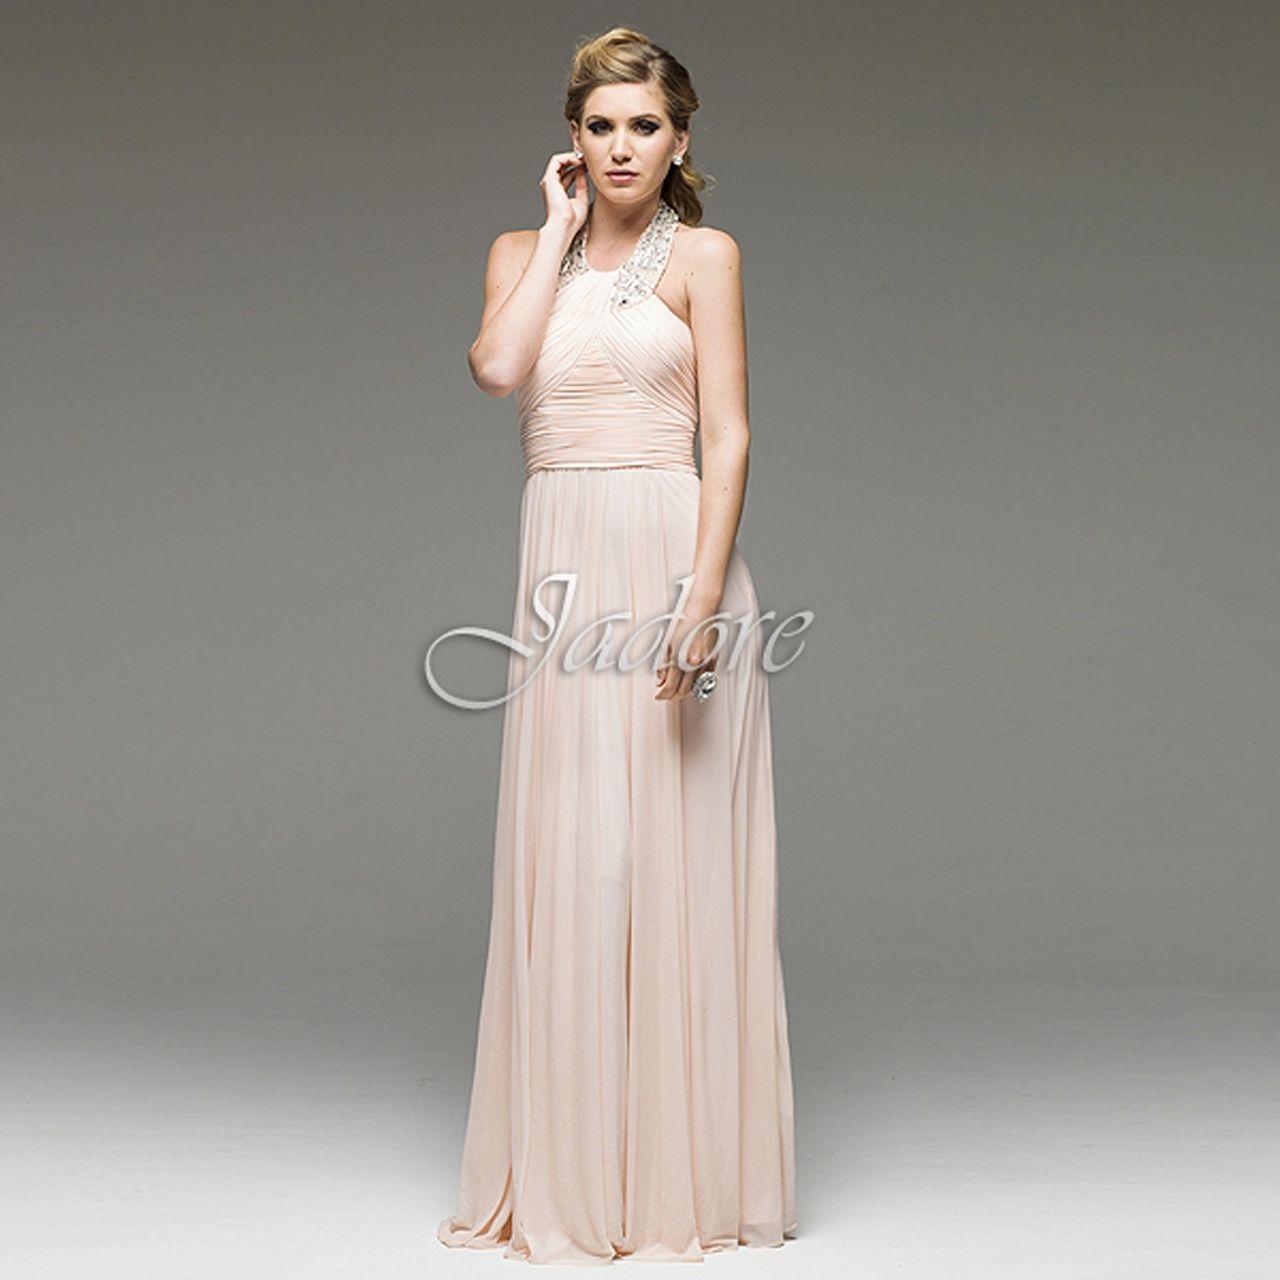 Ashley Embellished Halter Bridesmaid Dresses Baby Pink Bridesmaid Dresses Dresses Halter Bridesmaid Dress